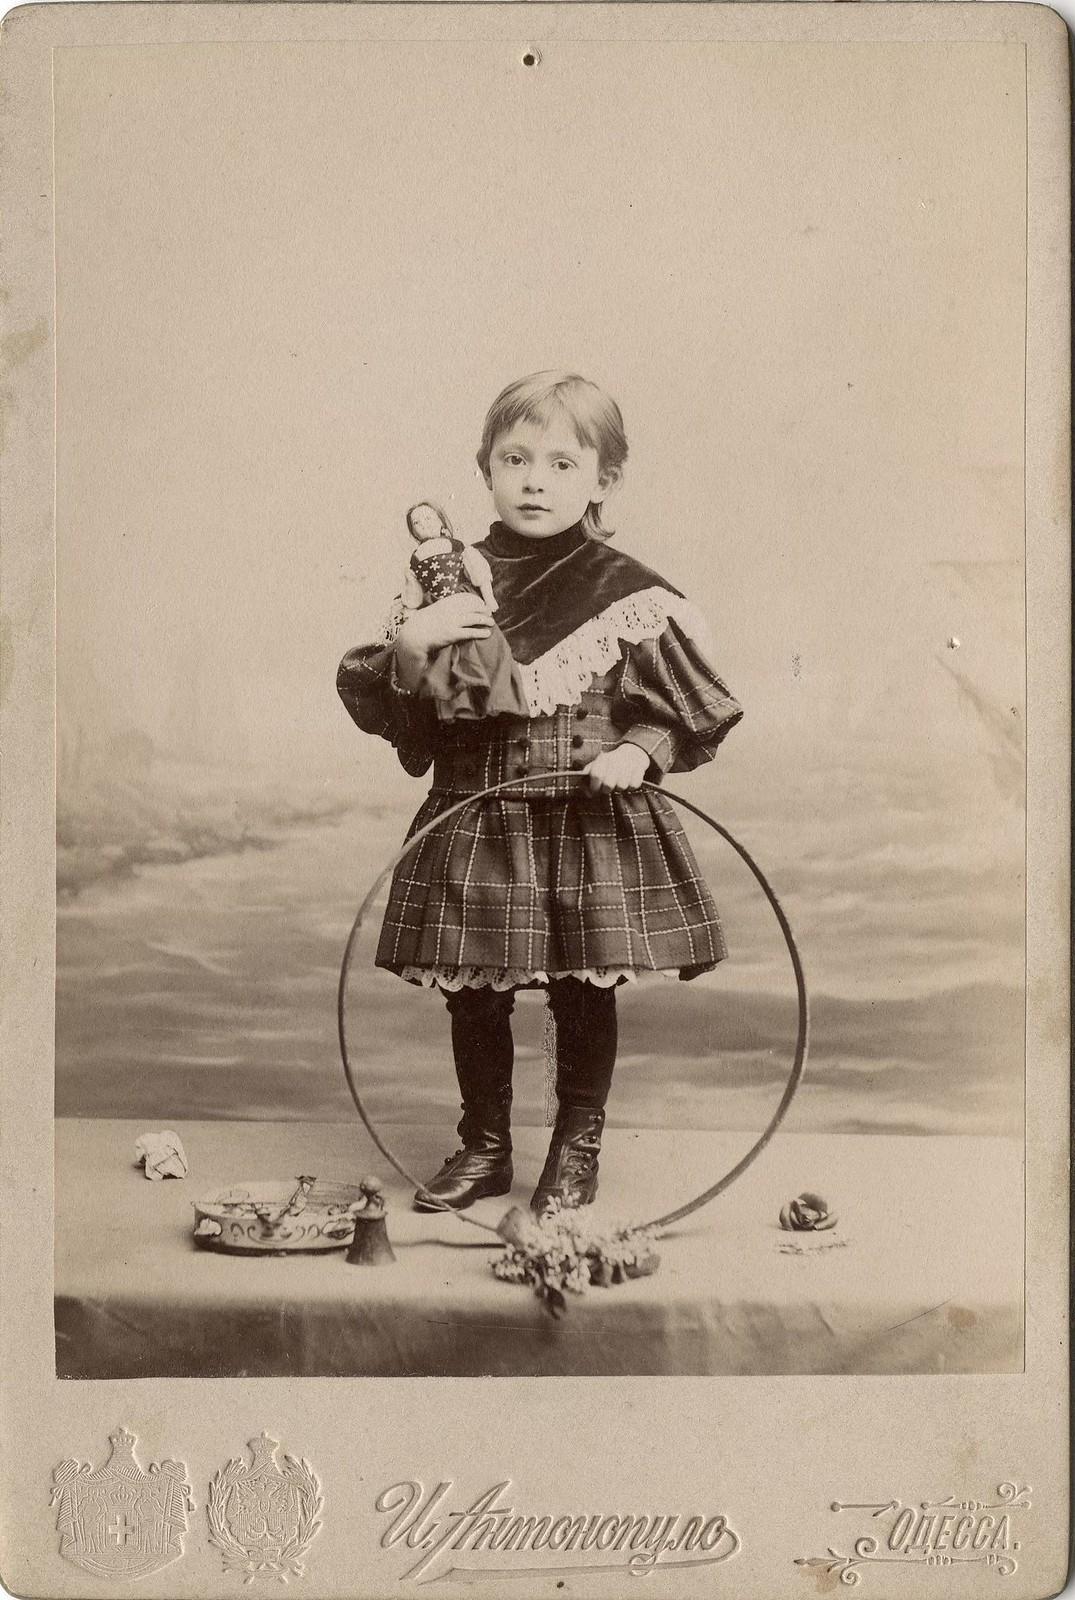 1900-е. Портрет девочки с обручем и куклой